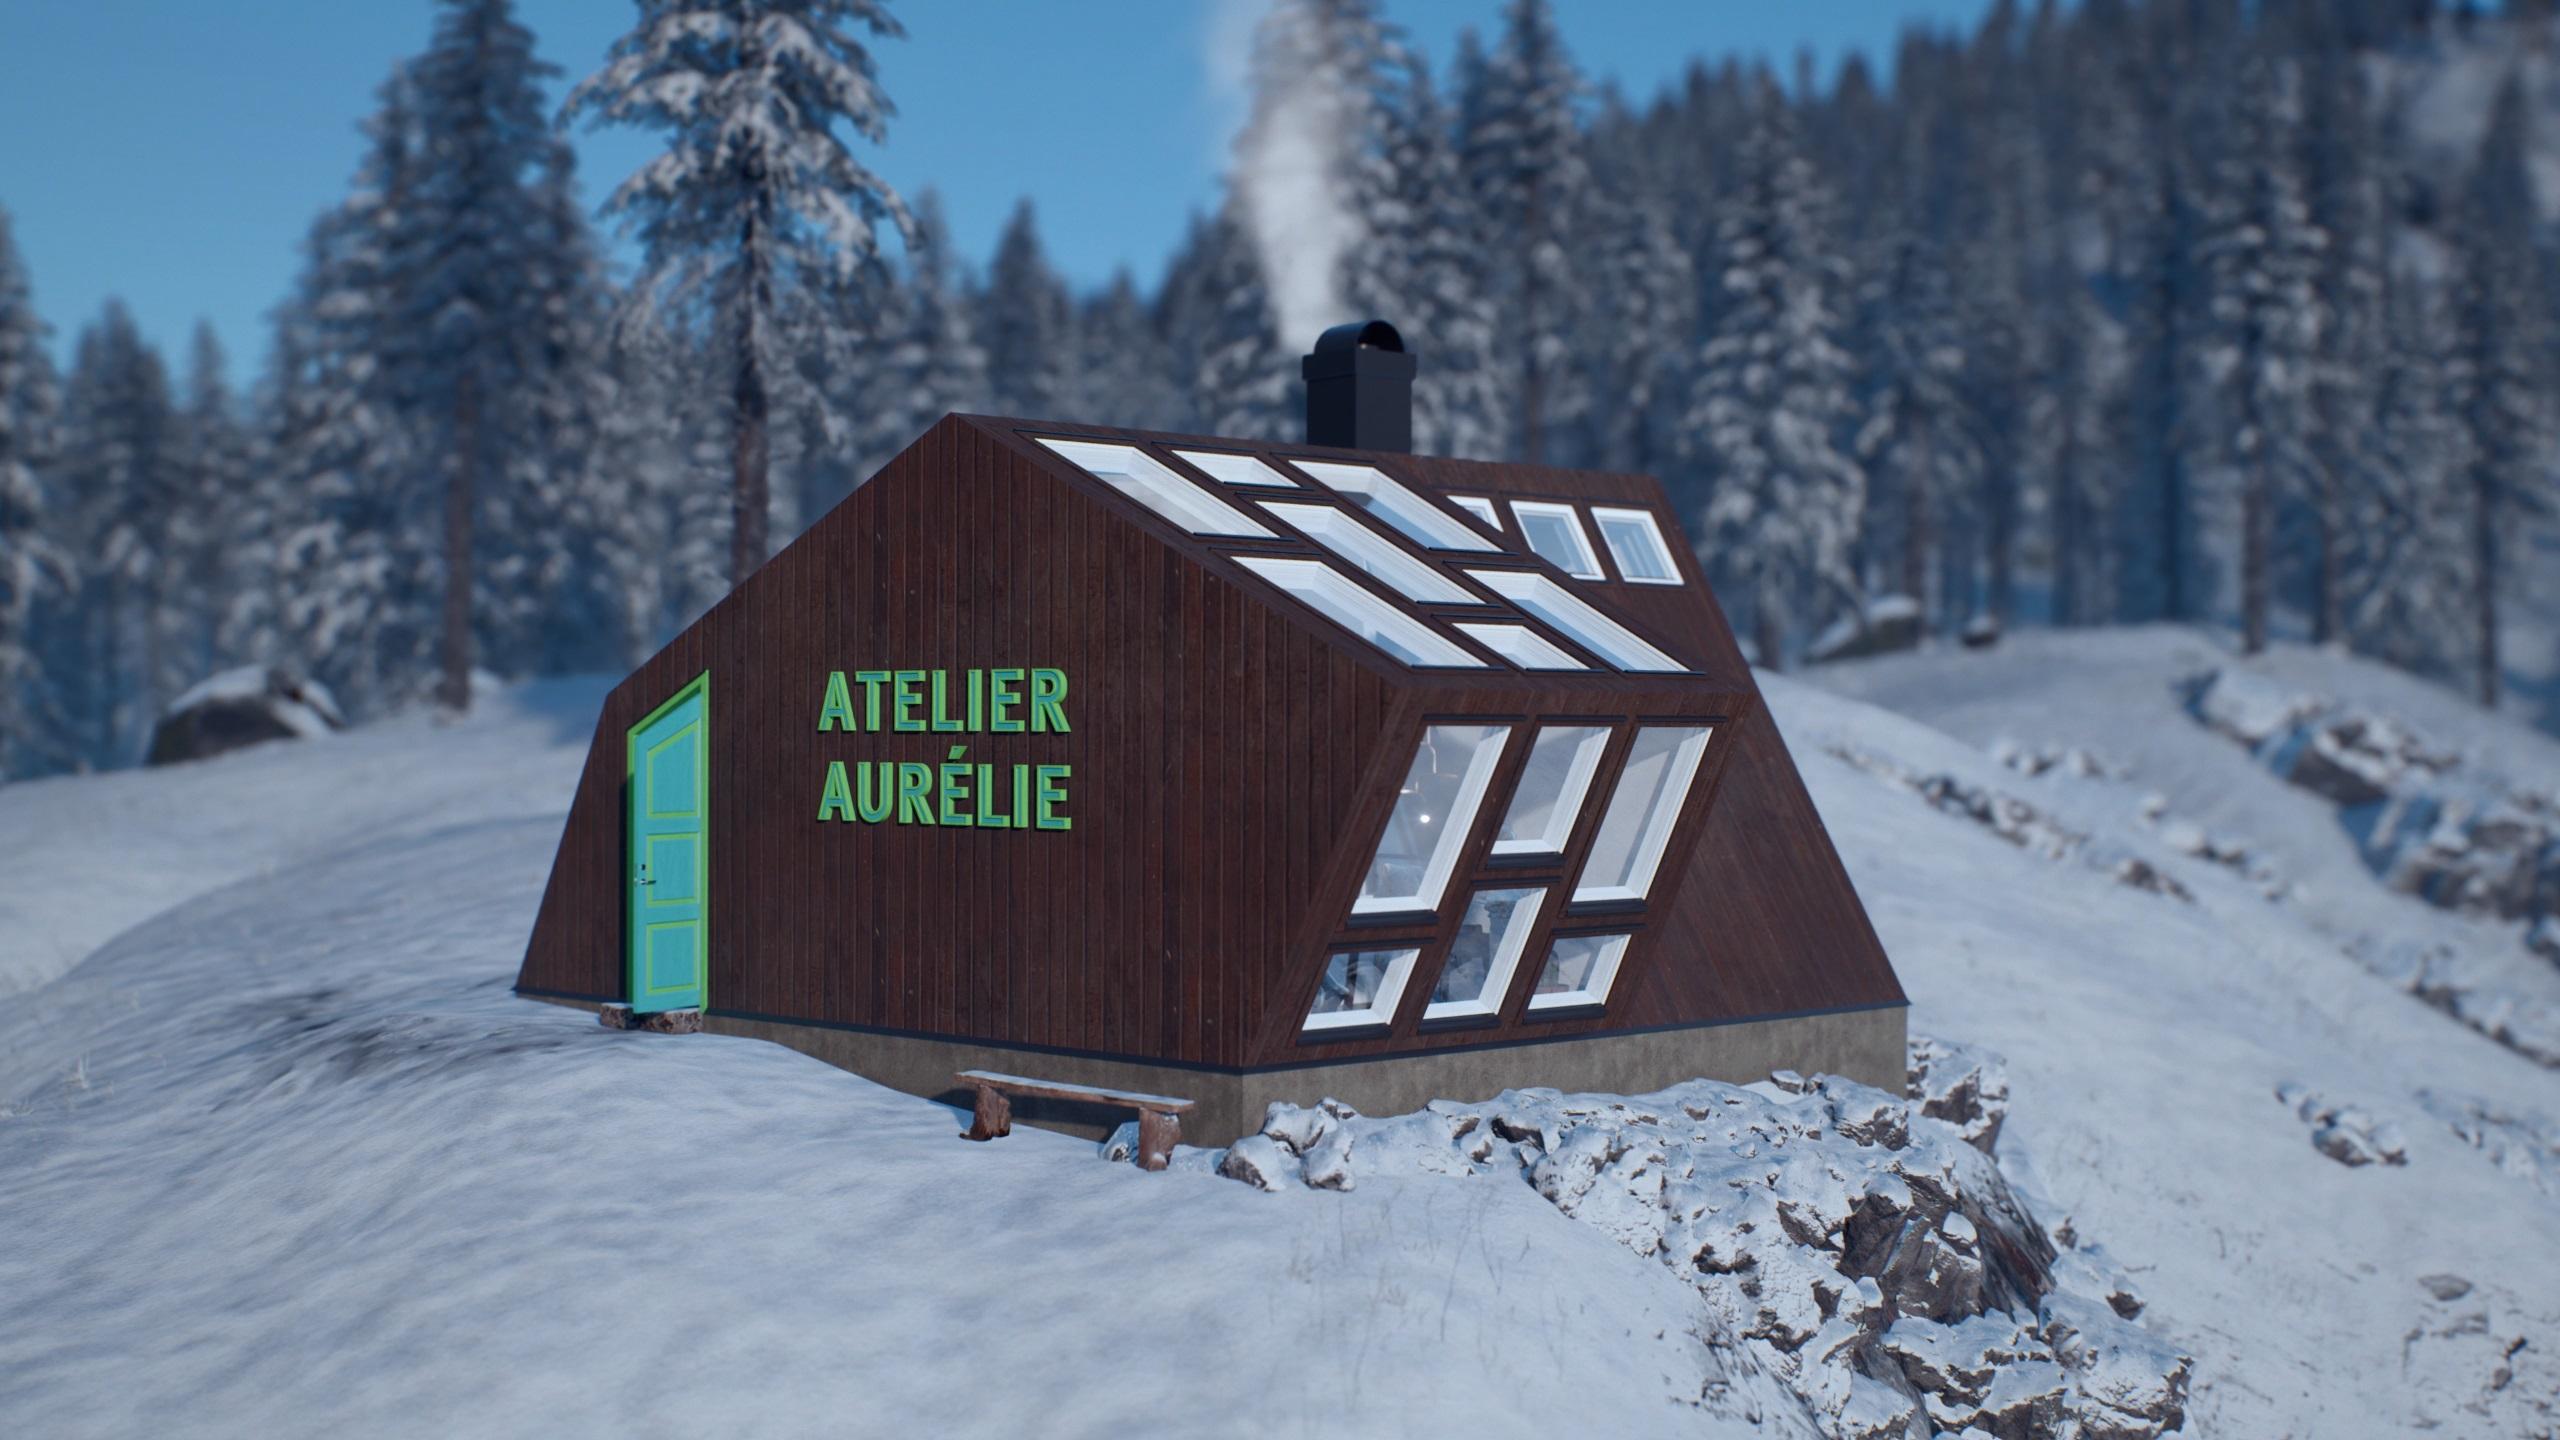 Atelier Aurélie – View from southwest